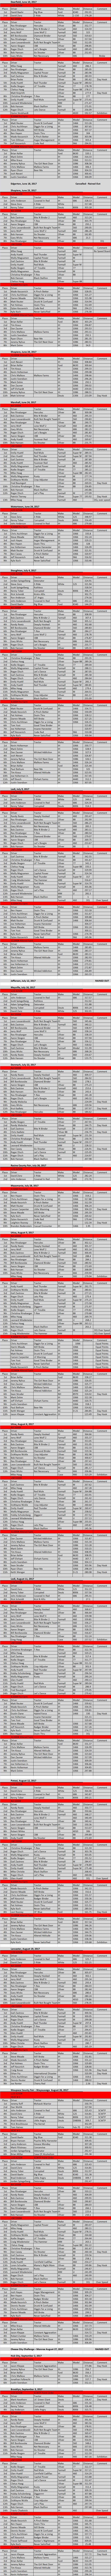 2017 Results 9-3.jpg